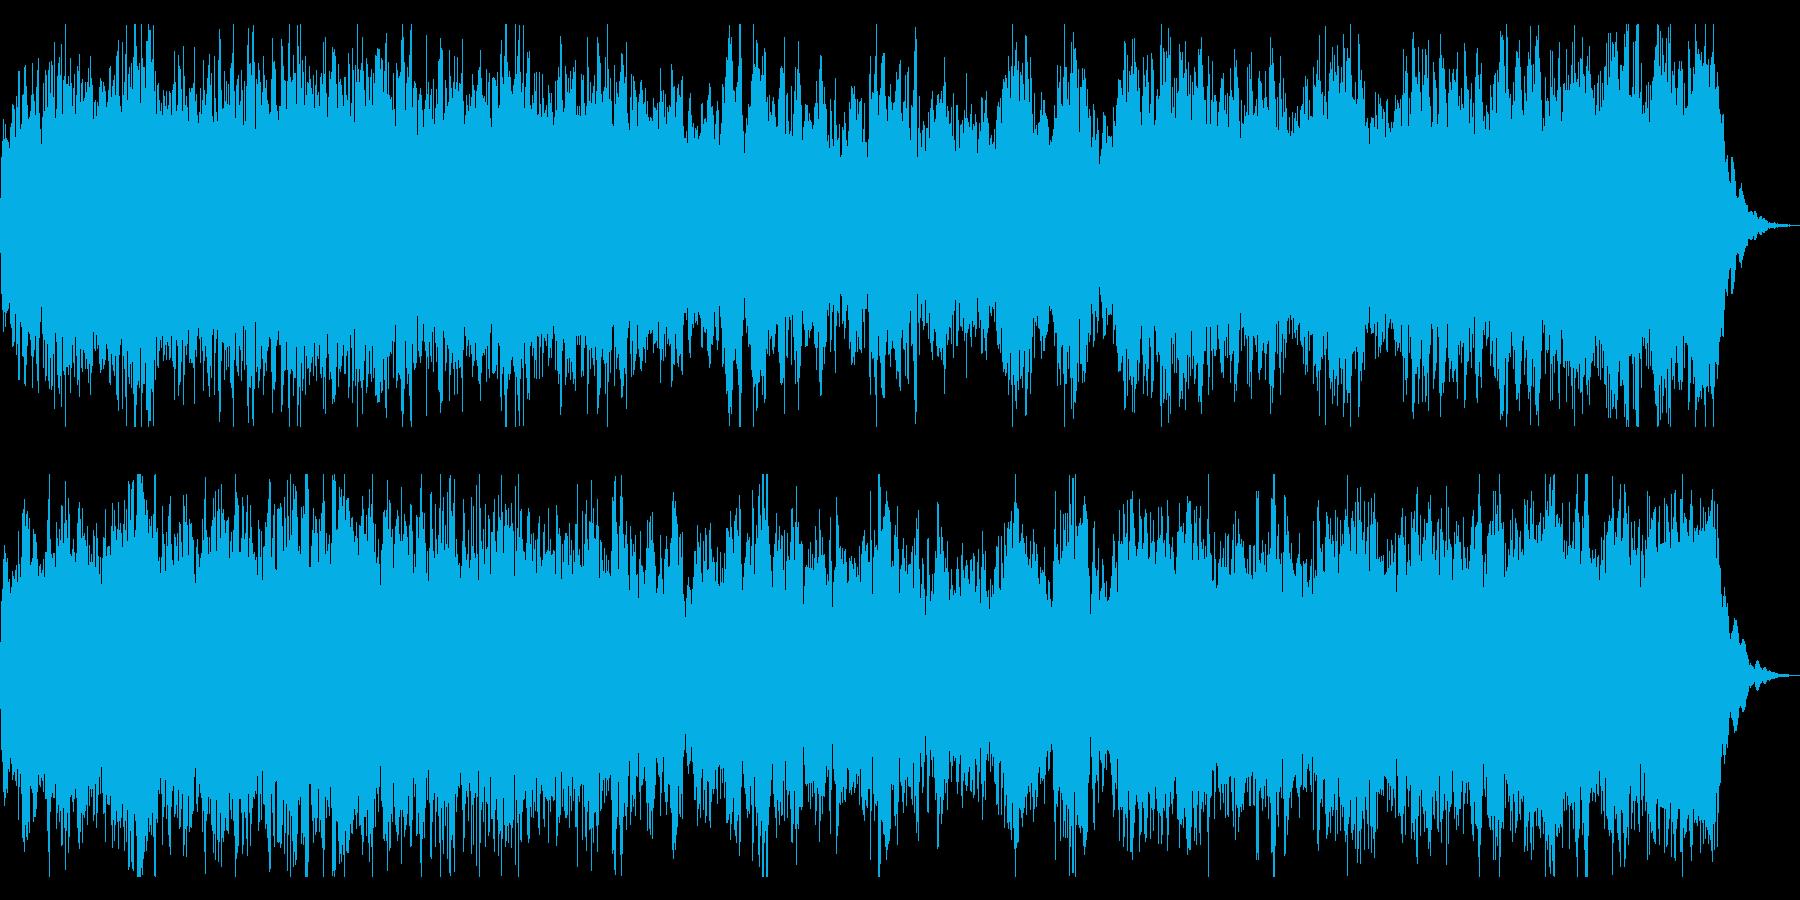 ミステリアスなコーラスとストリングスの再生済みの波形